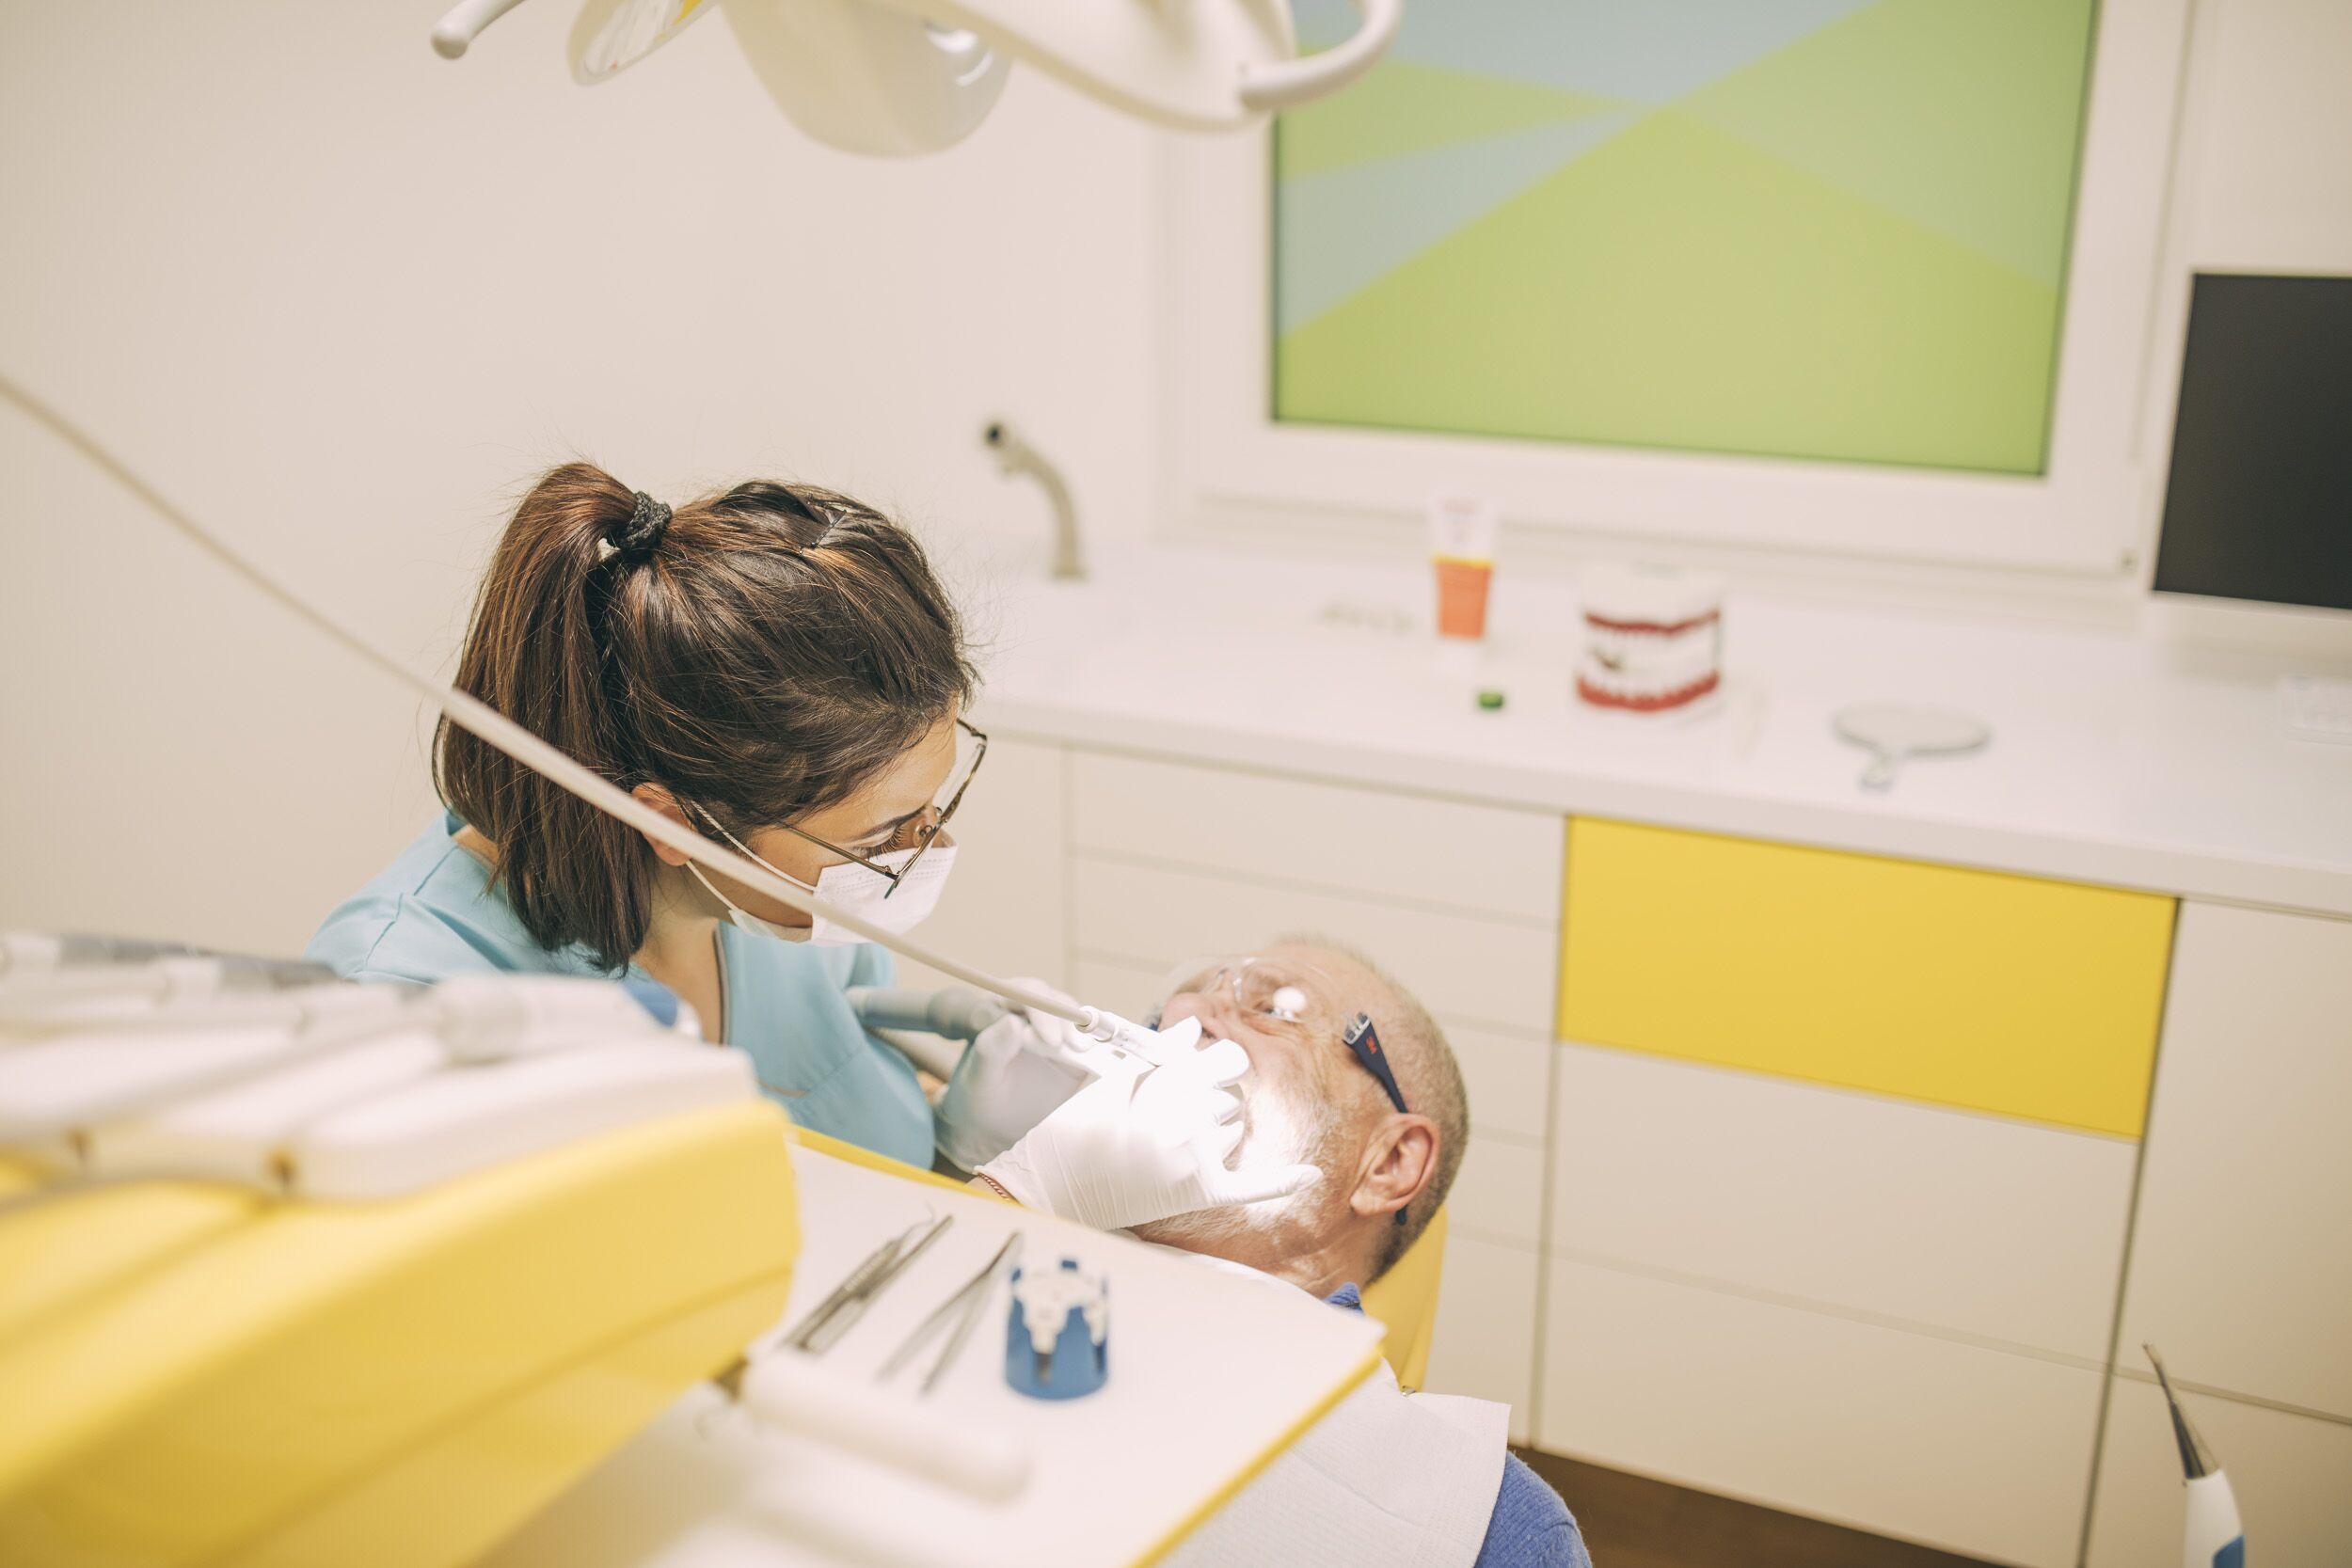 Zahnreinigung bei einem Erwachsenen